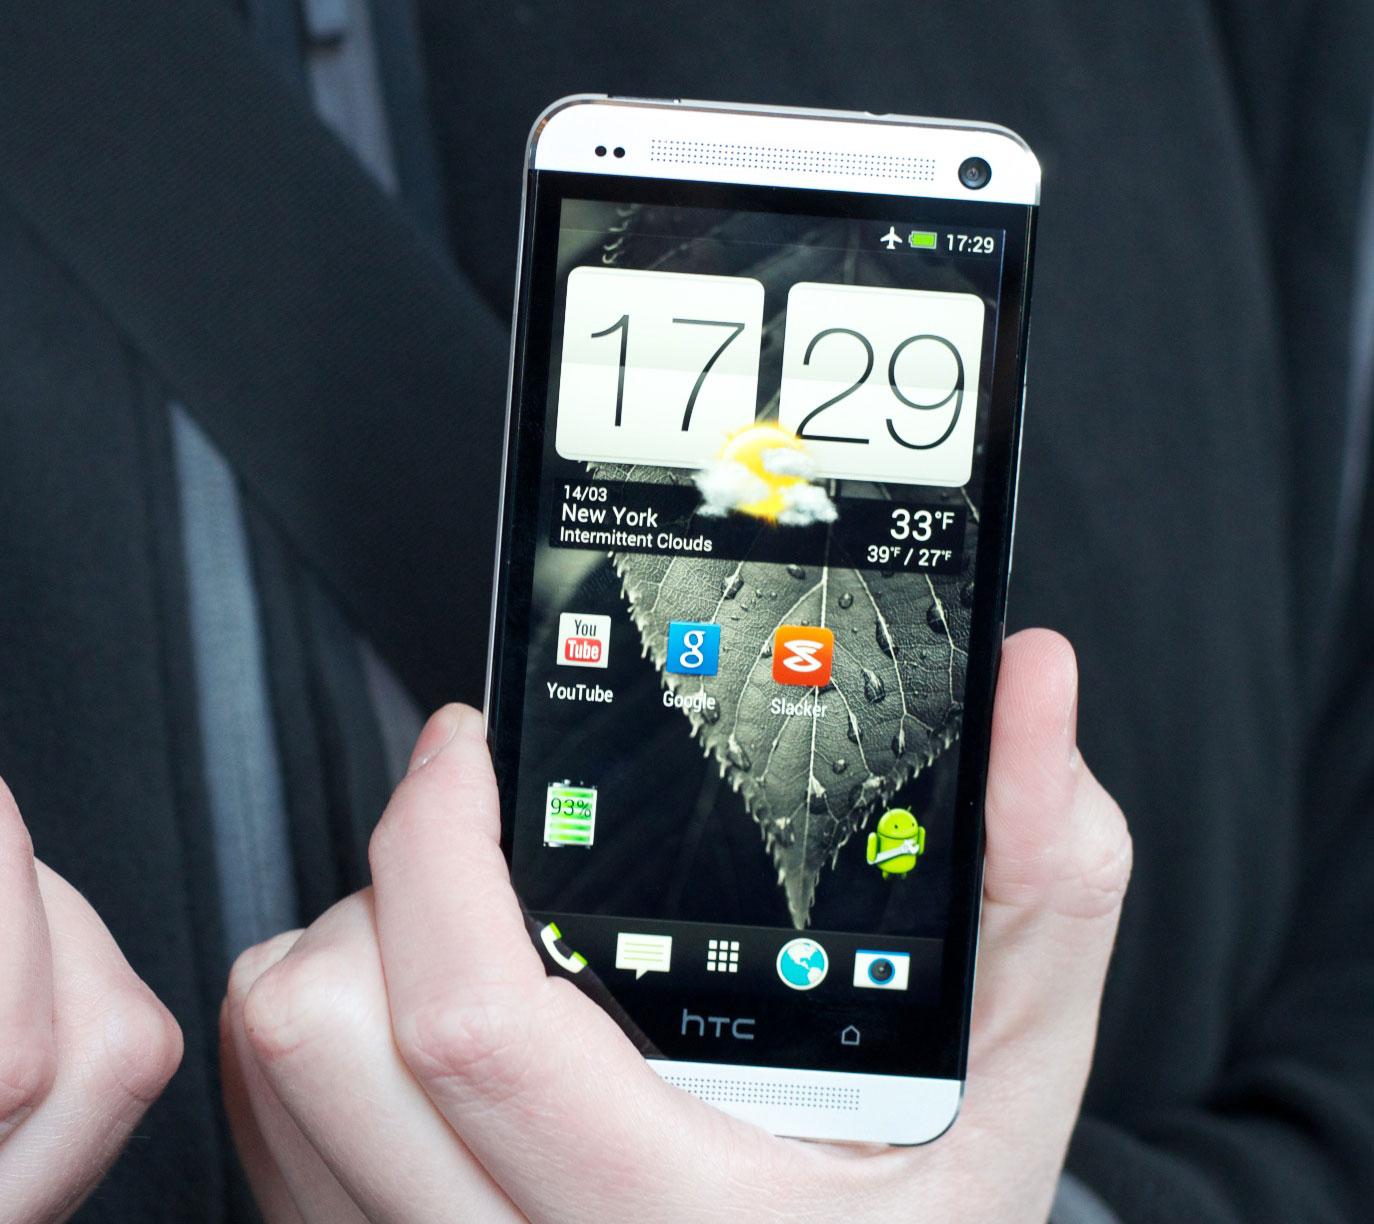 HTC-One-Release-Date2.jpg